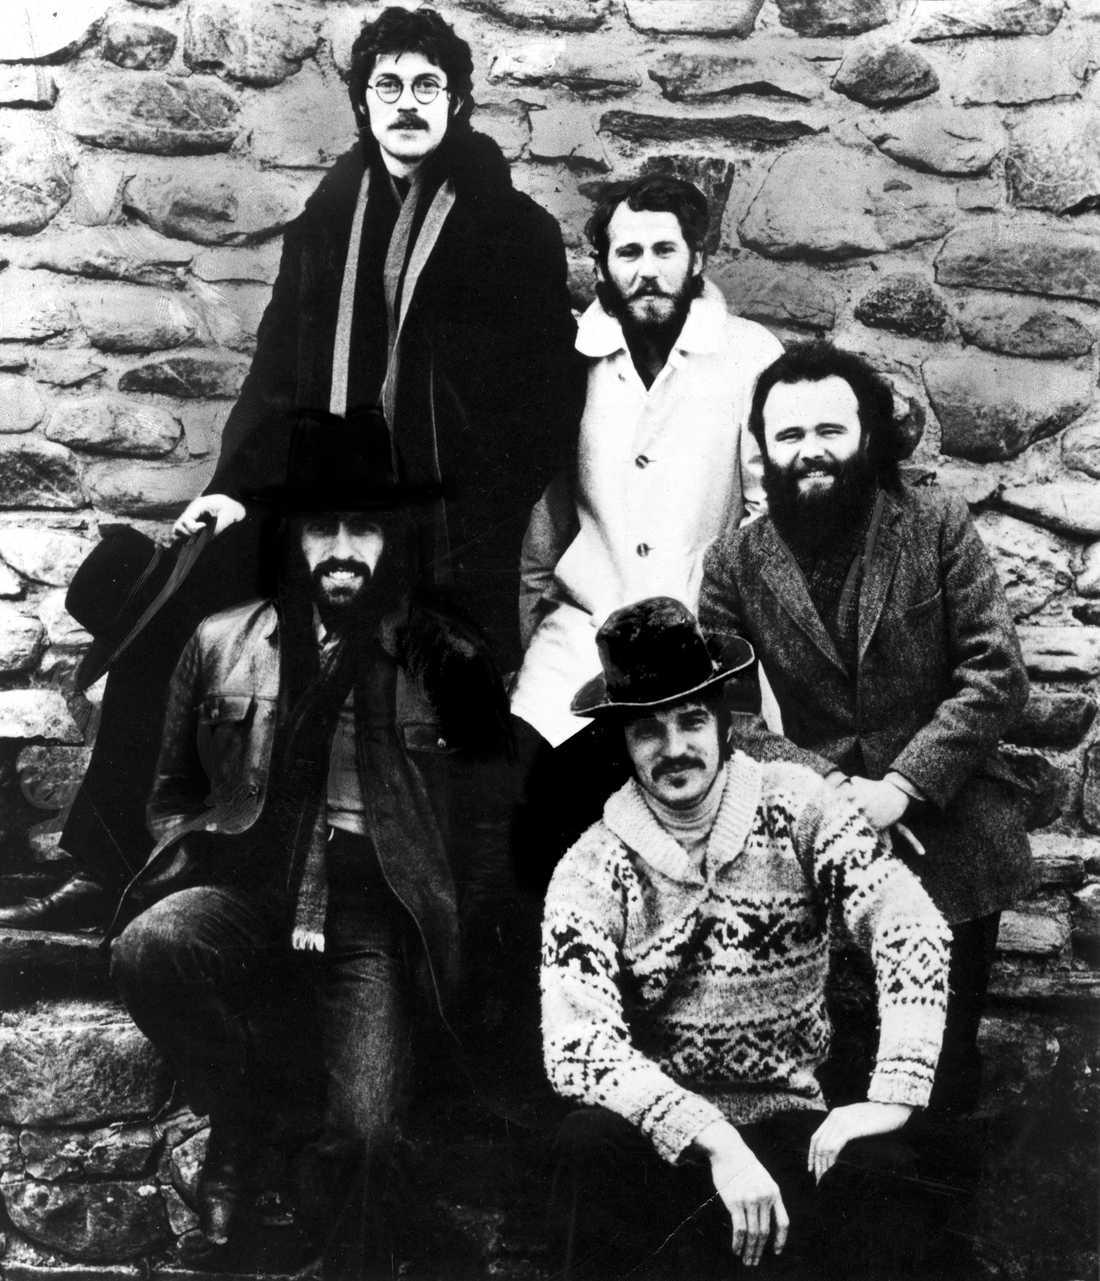 The Band när det begav sig, 1971. Fr v Robbie Robertson, Levon Helm, Garth Hudson, nedtill fr v, Richard Manuel och Rick Danko.